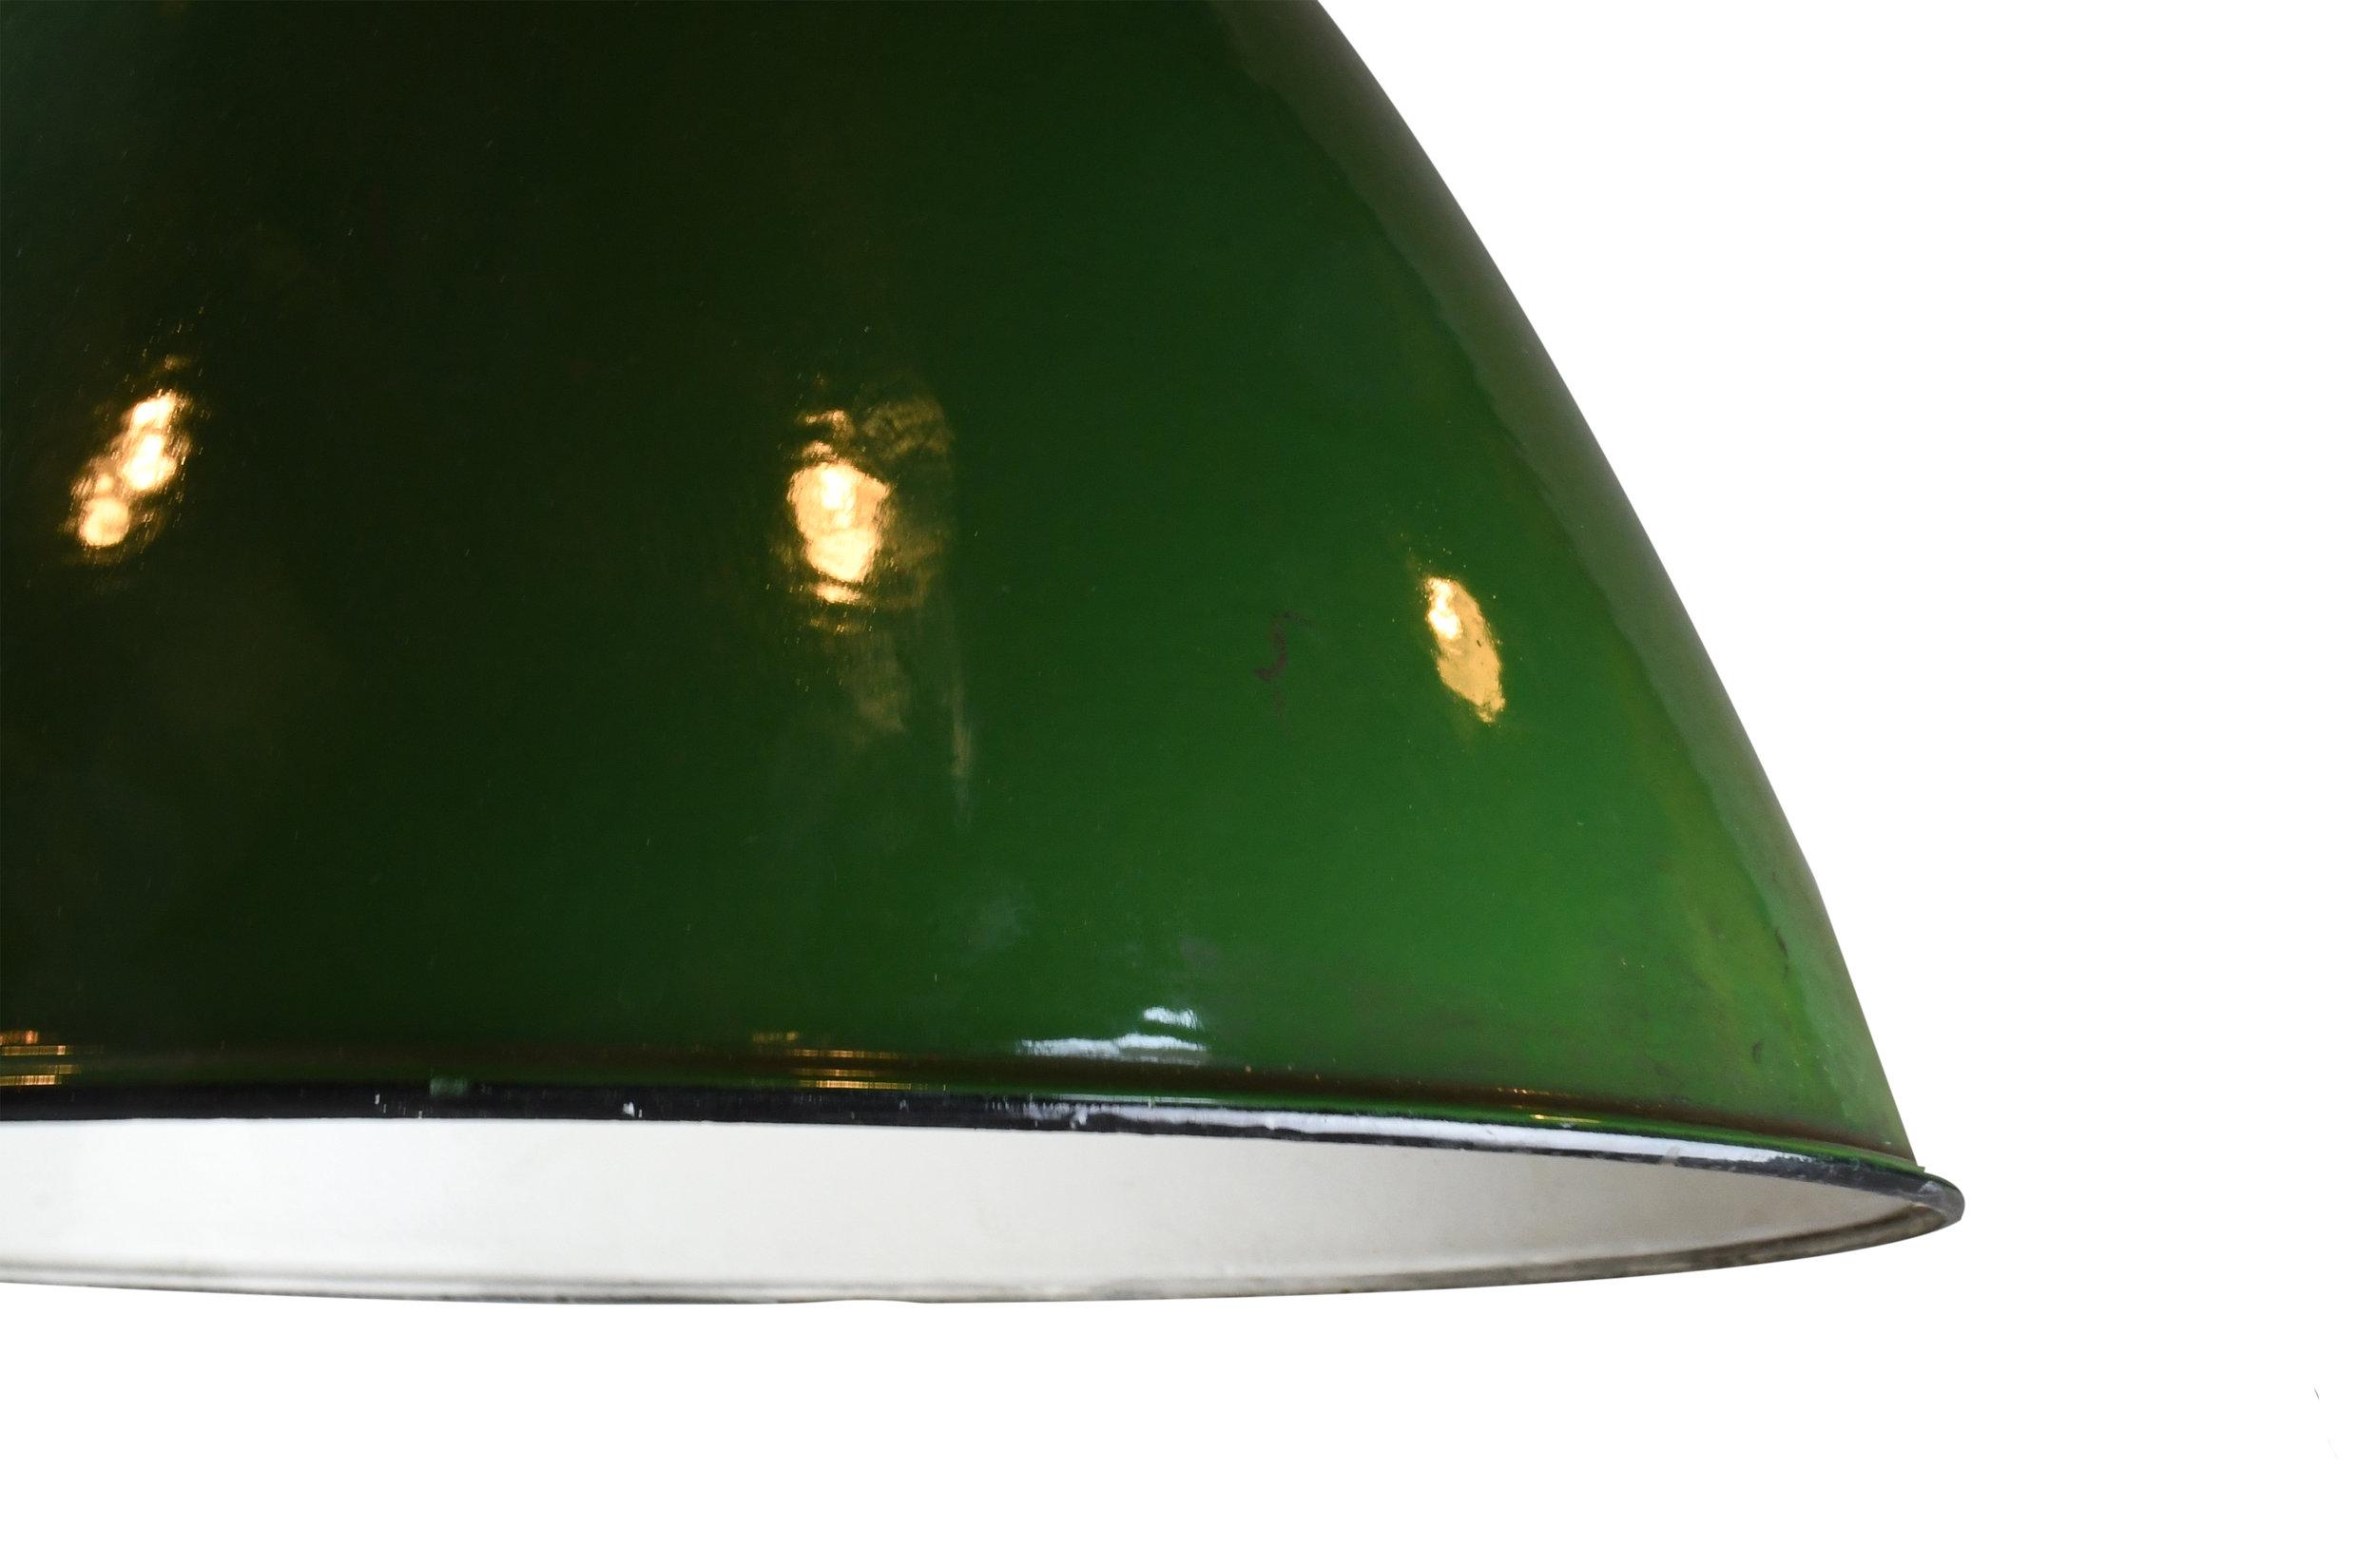 47528-green-enamel-warehouse-light-detail-3.jpg